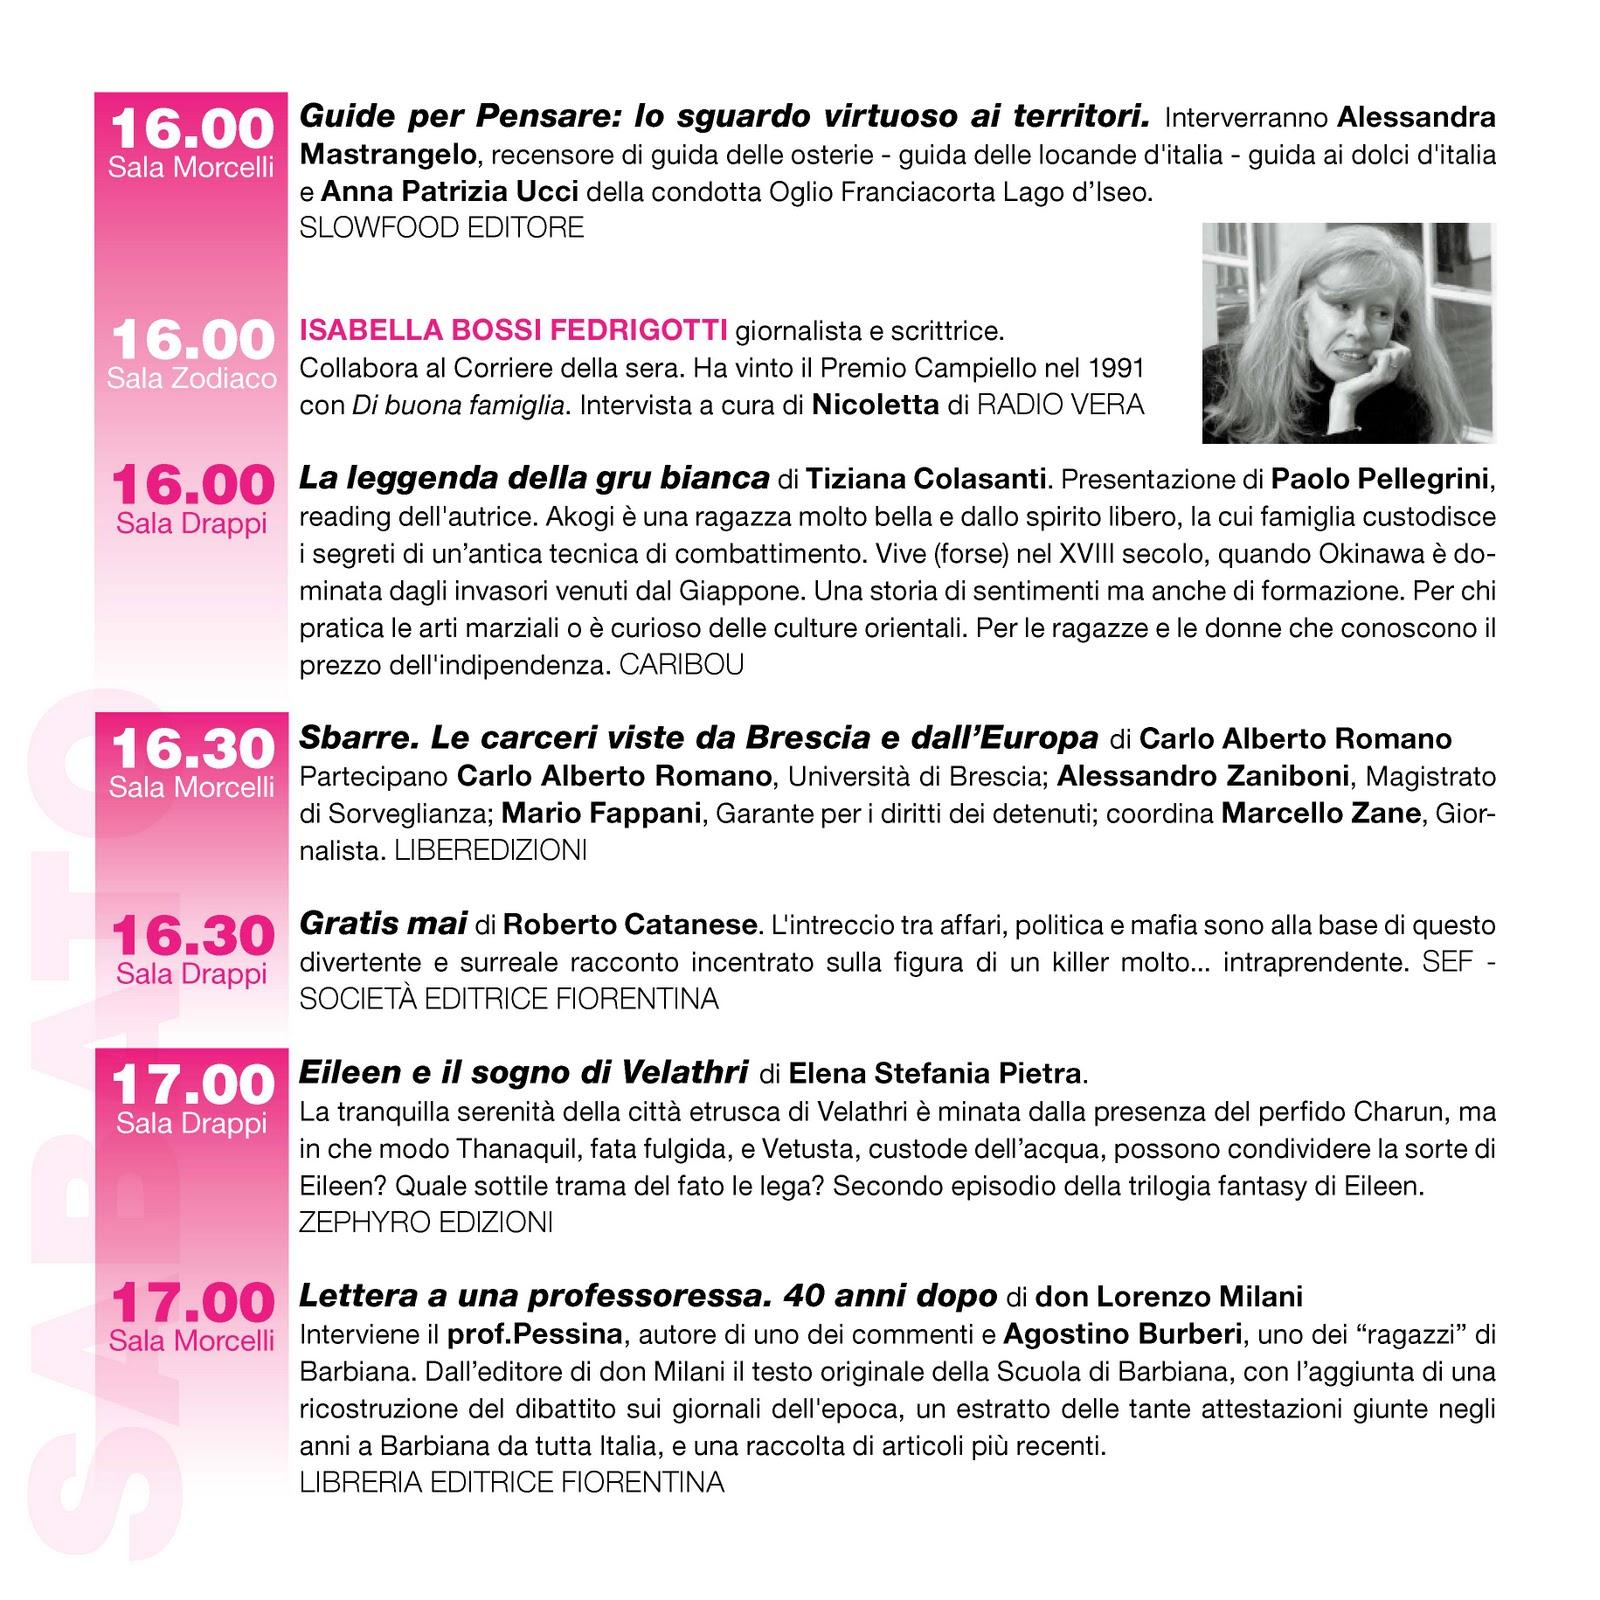 Microeditoria 2010 programma narrabilando for Pdf del programma della casa